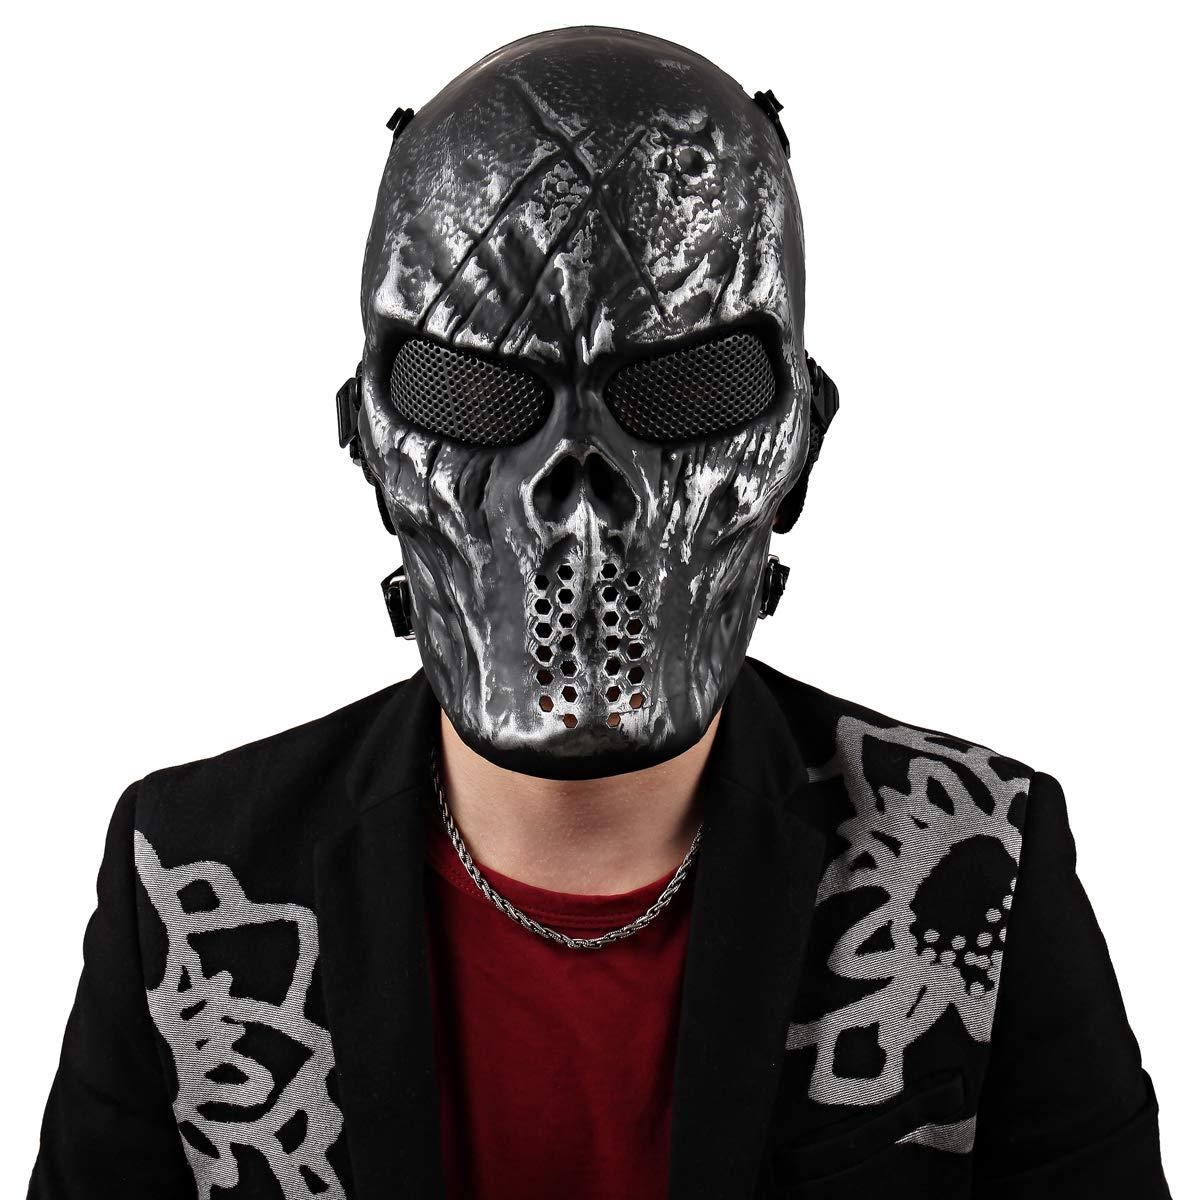 AIRSOFT /& PAINTBALL jeu protection Metal Mesh demi-masque en Noir /& Blanc Crâne